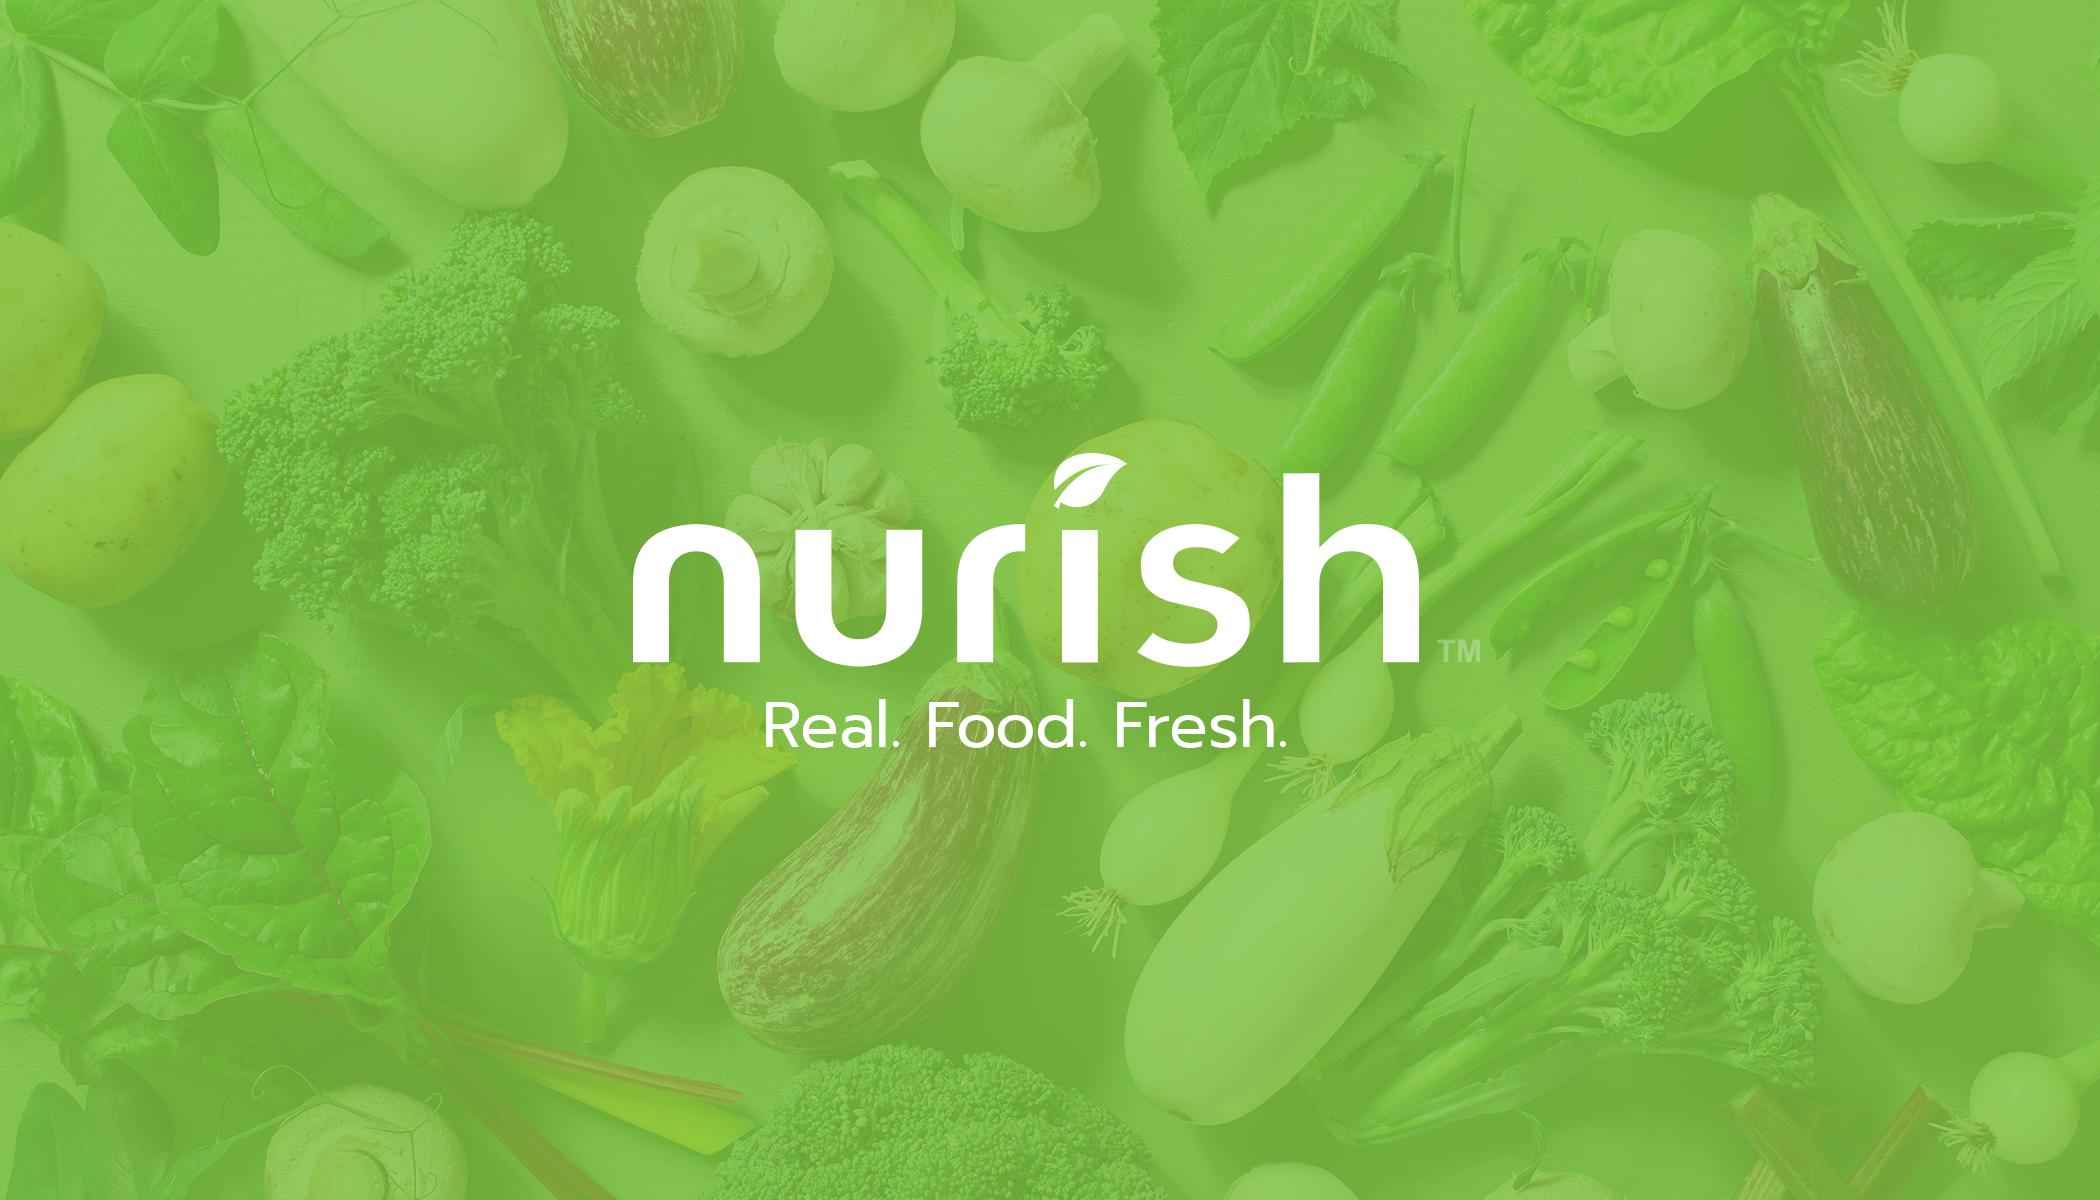 nurish Brands